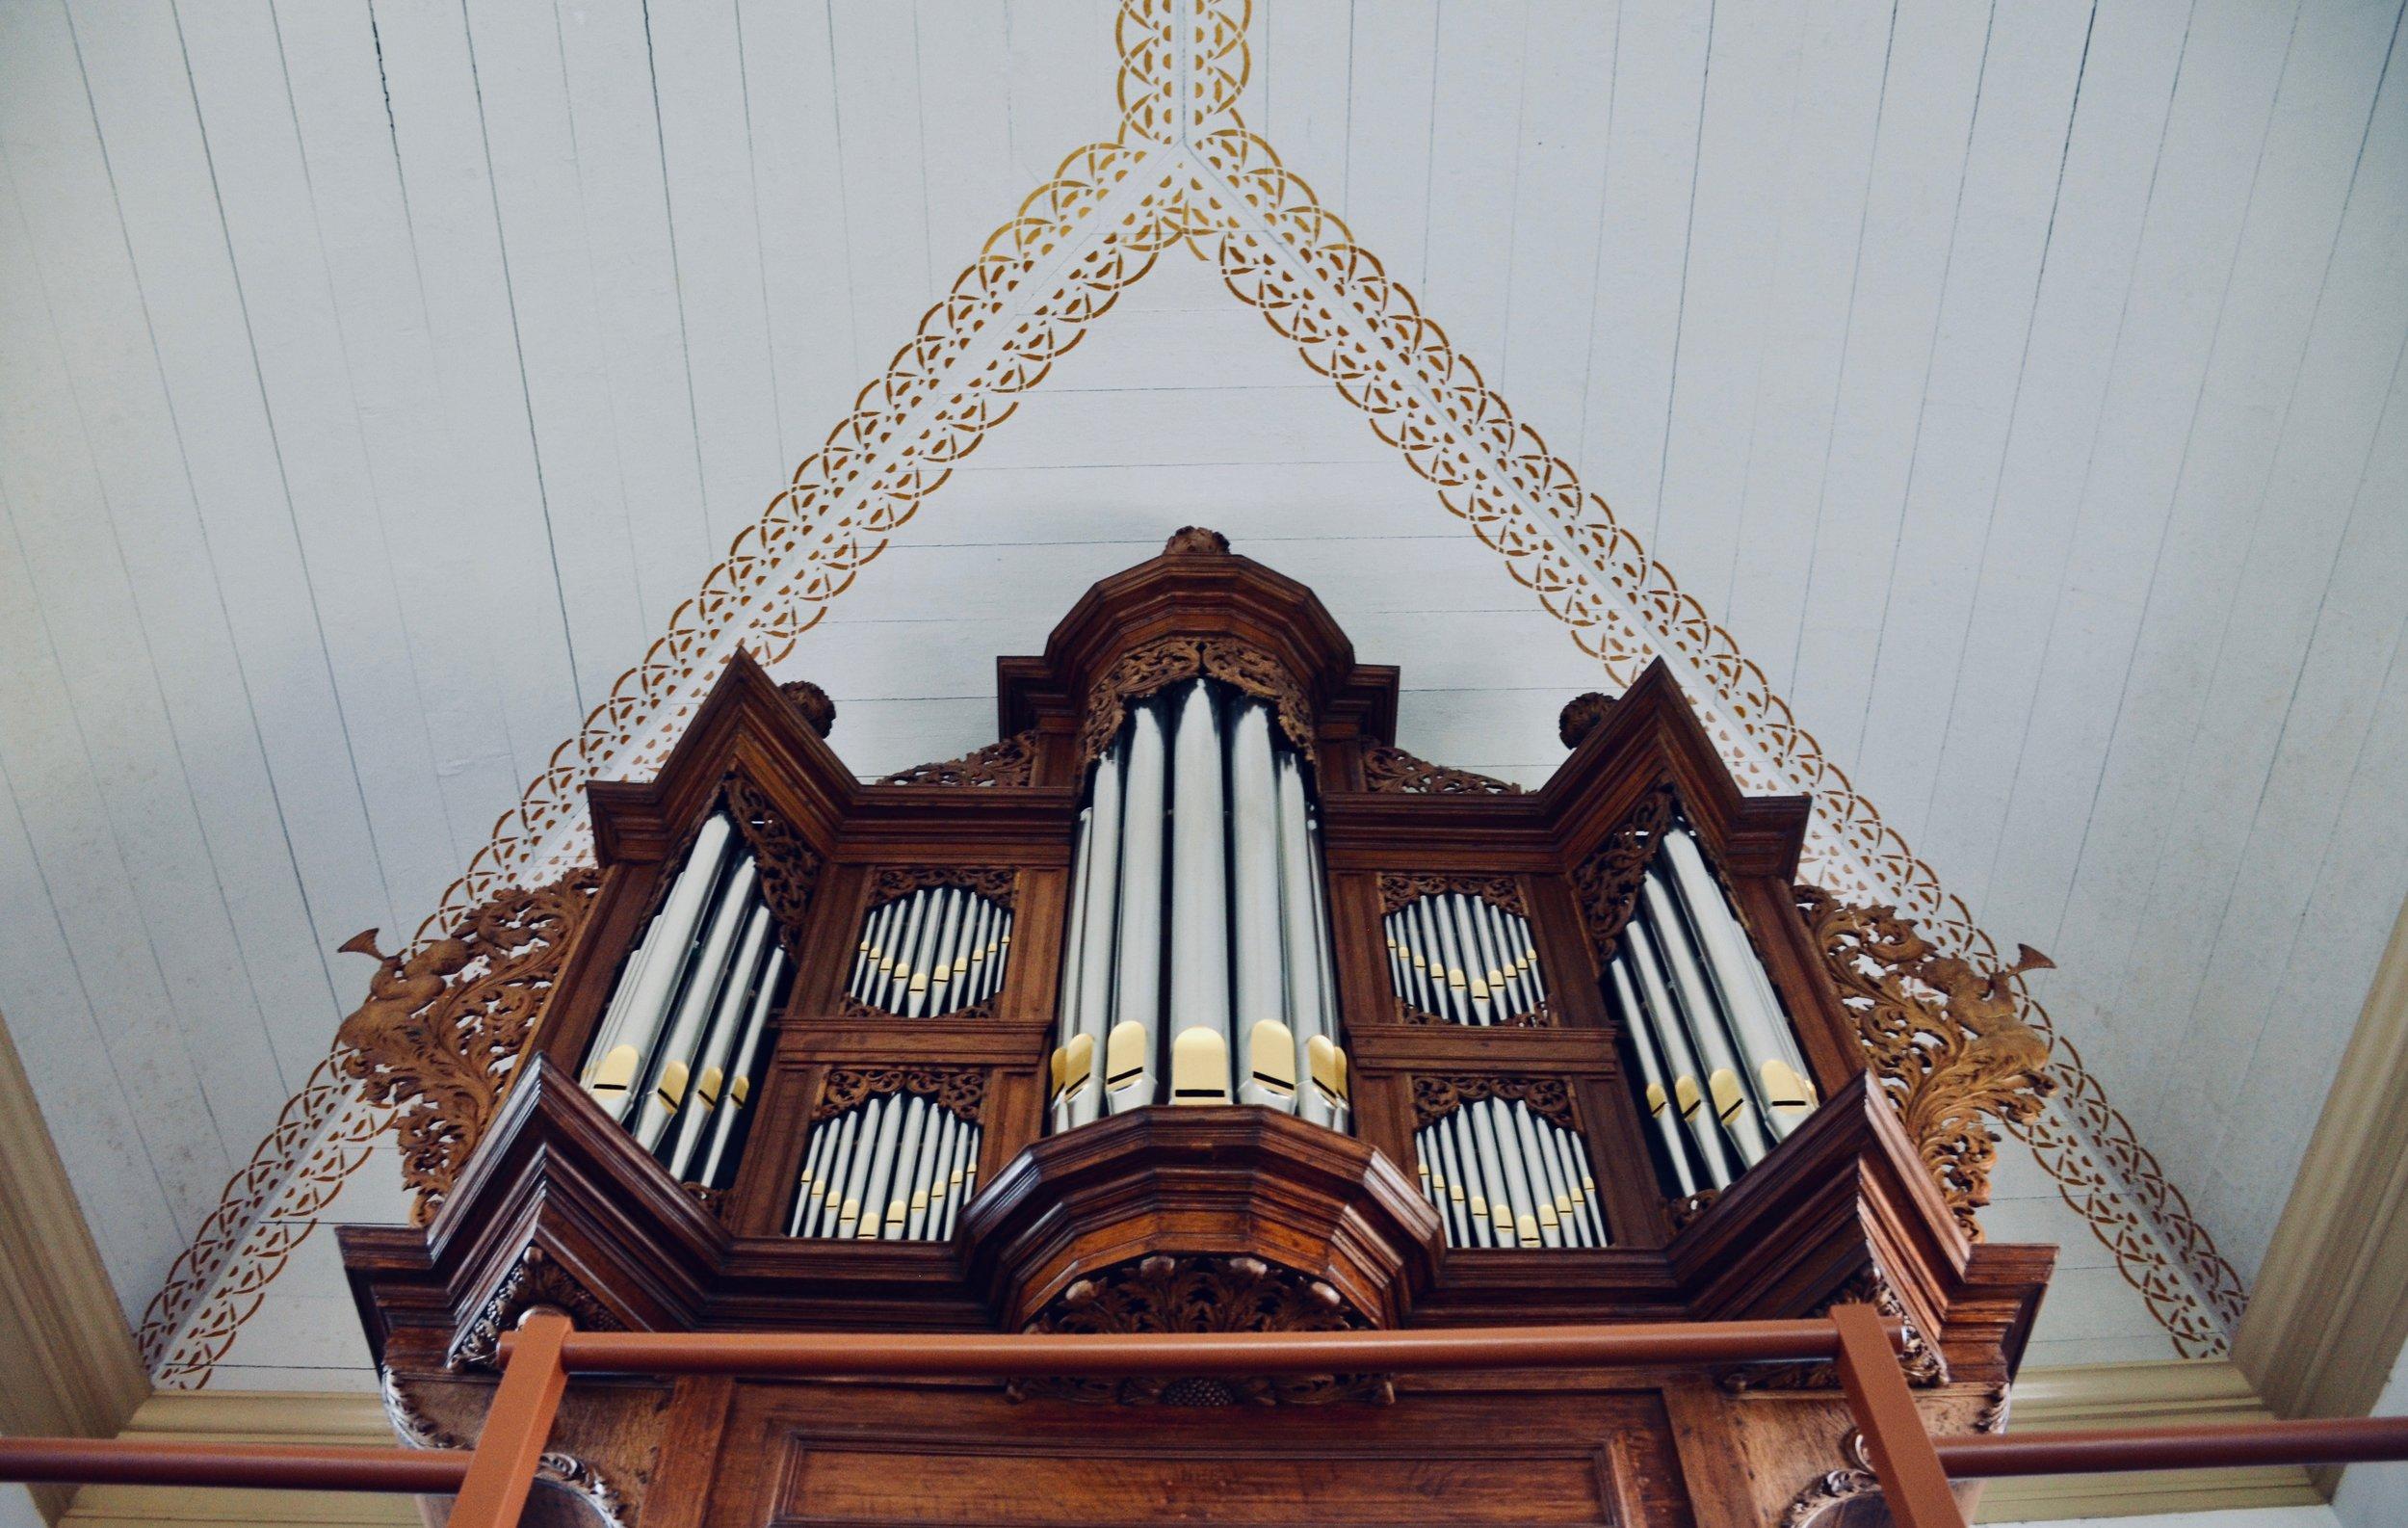 Schnitger organ, Michaëlkerk, Mensingeweer, Holland.